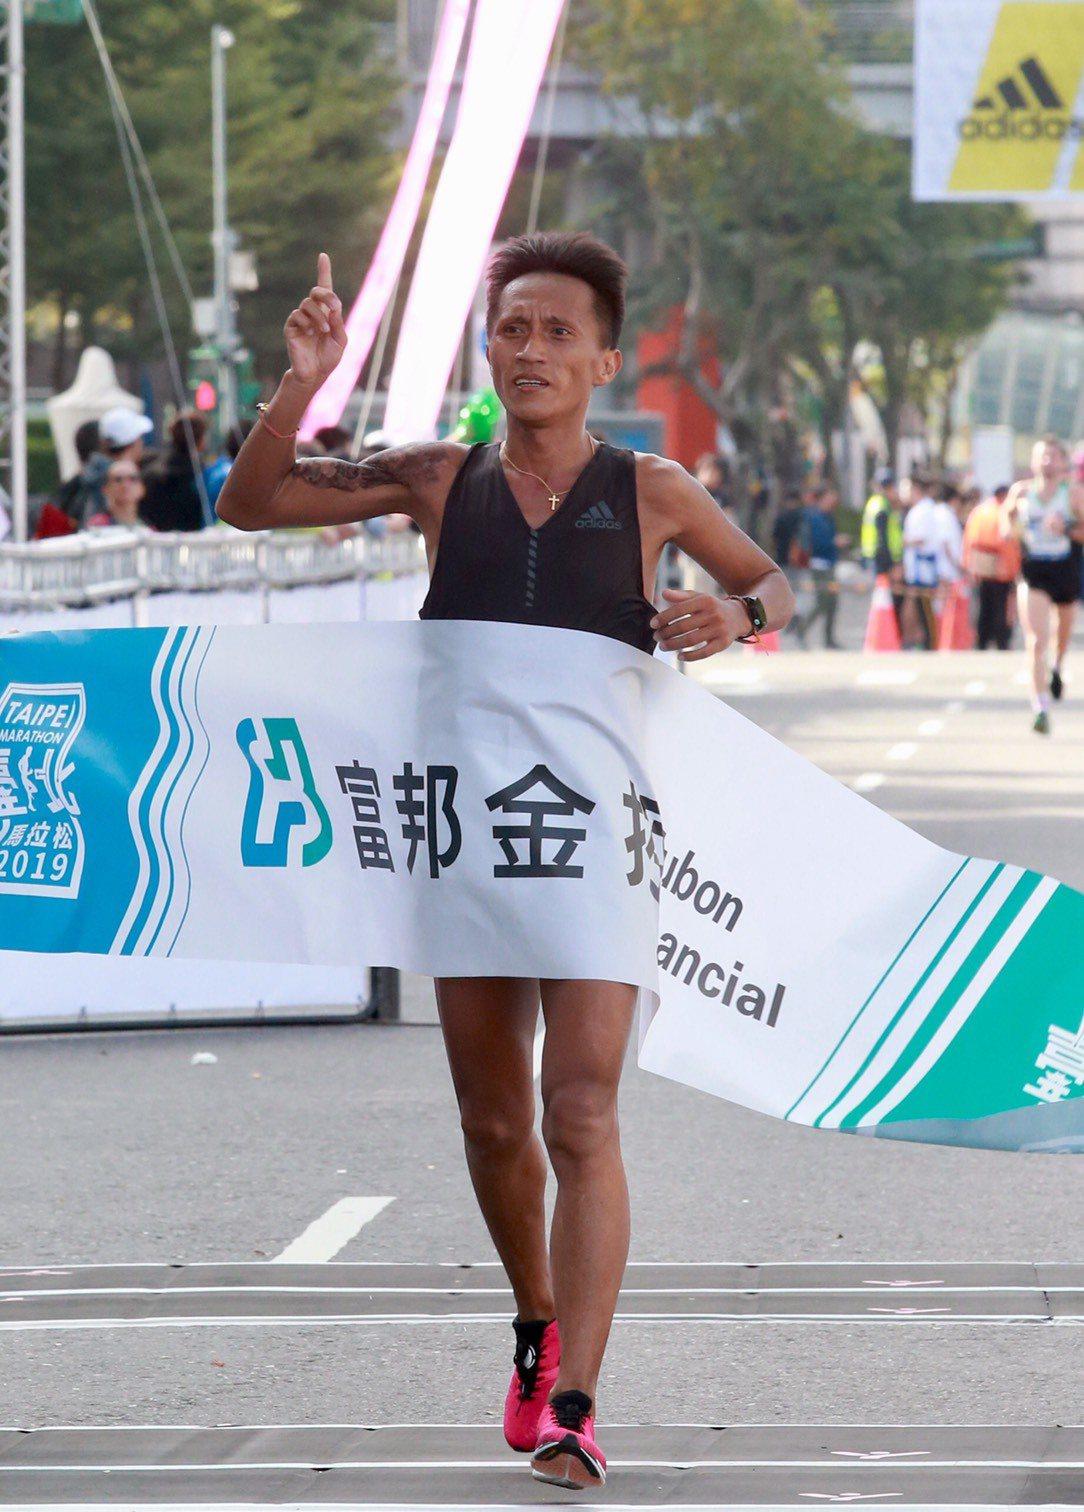 蔣介文獲得台北馬拉松國內男子組冠軍。記者黃義書/攝影